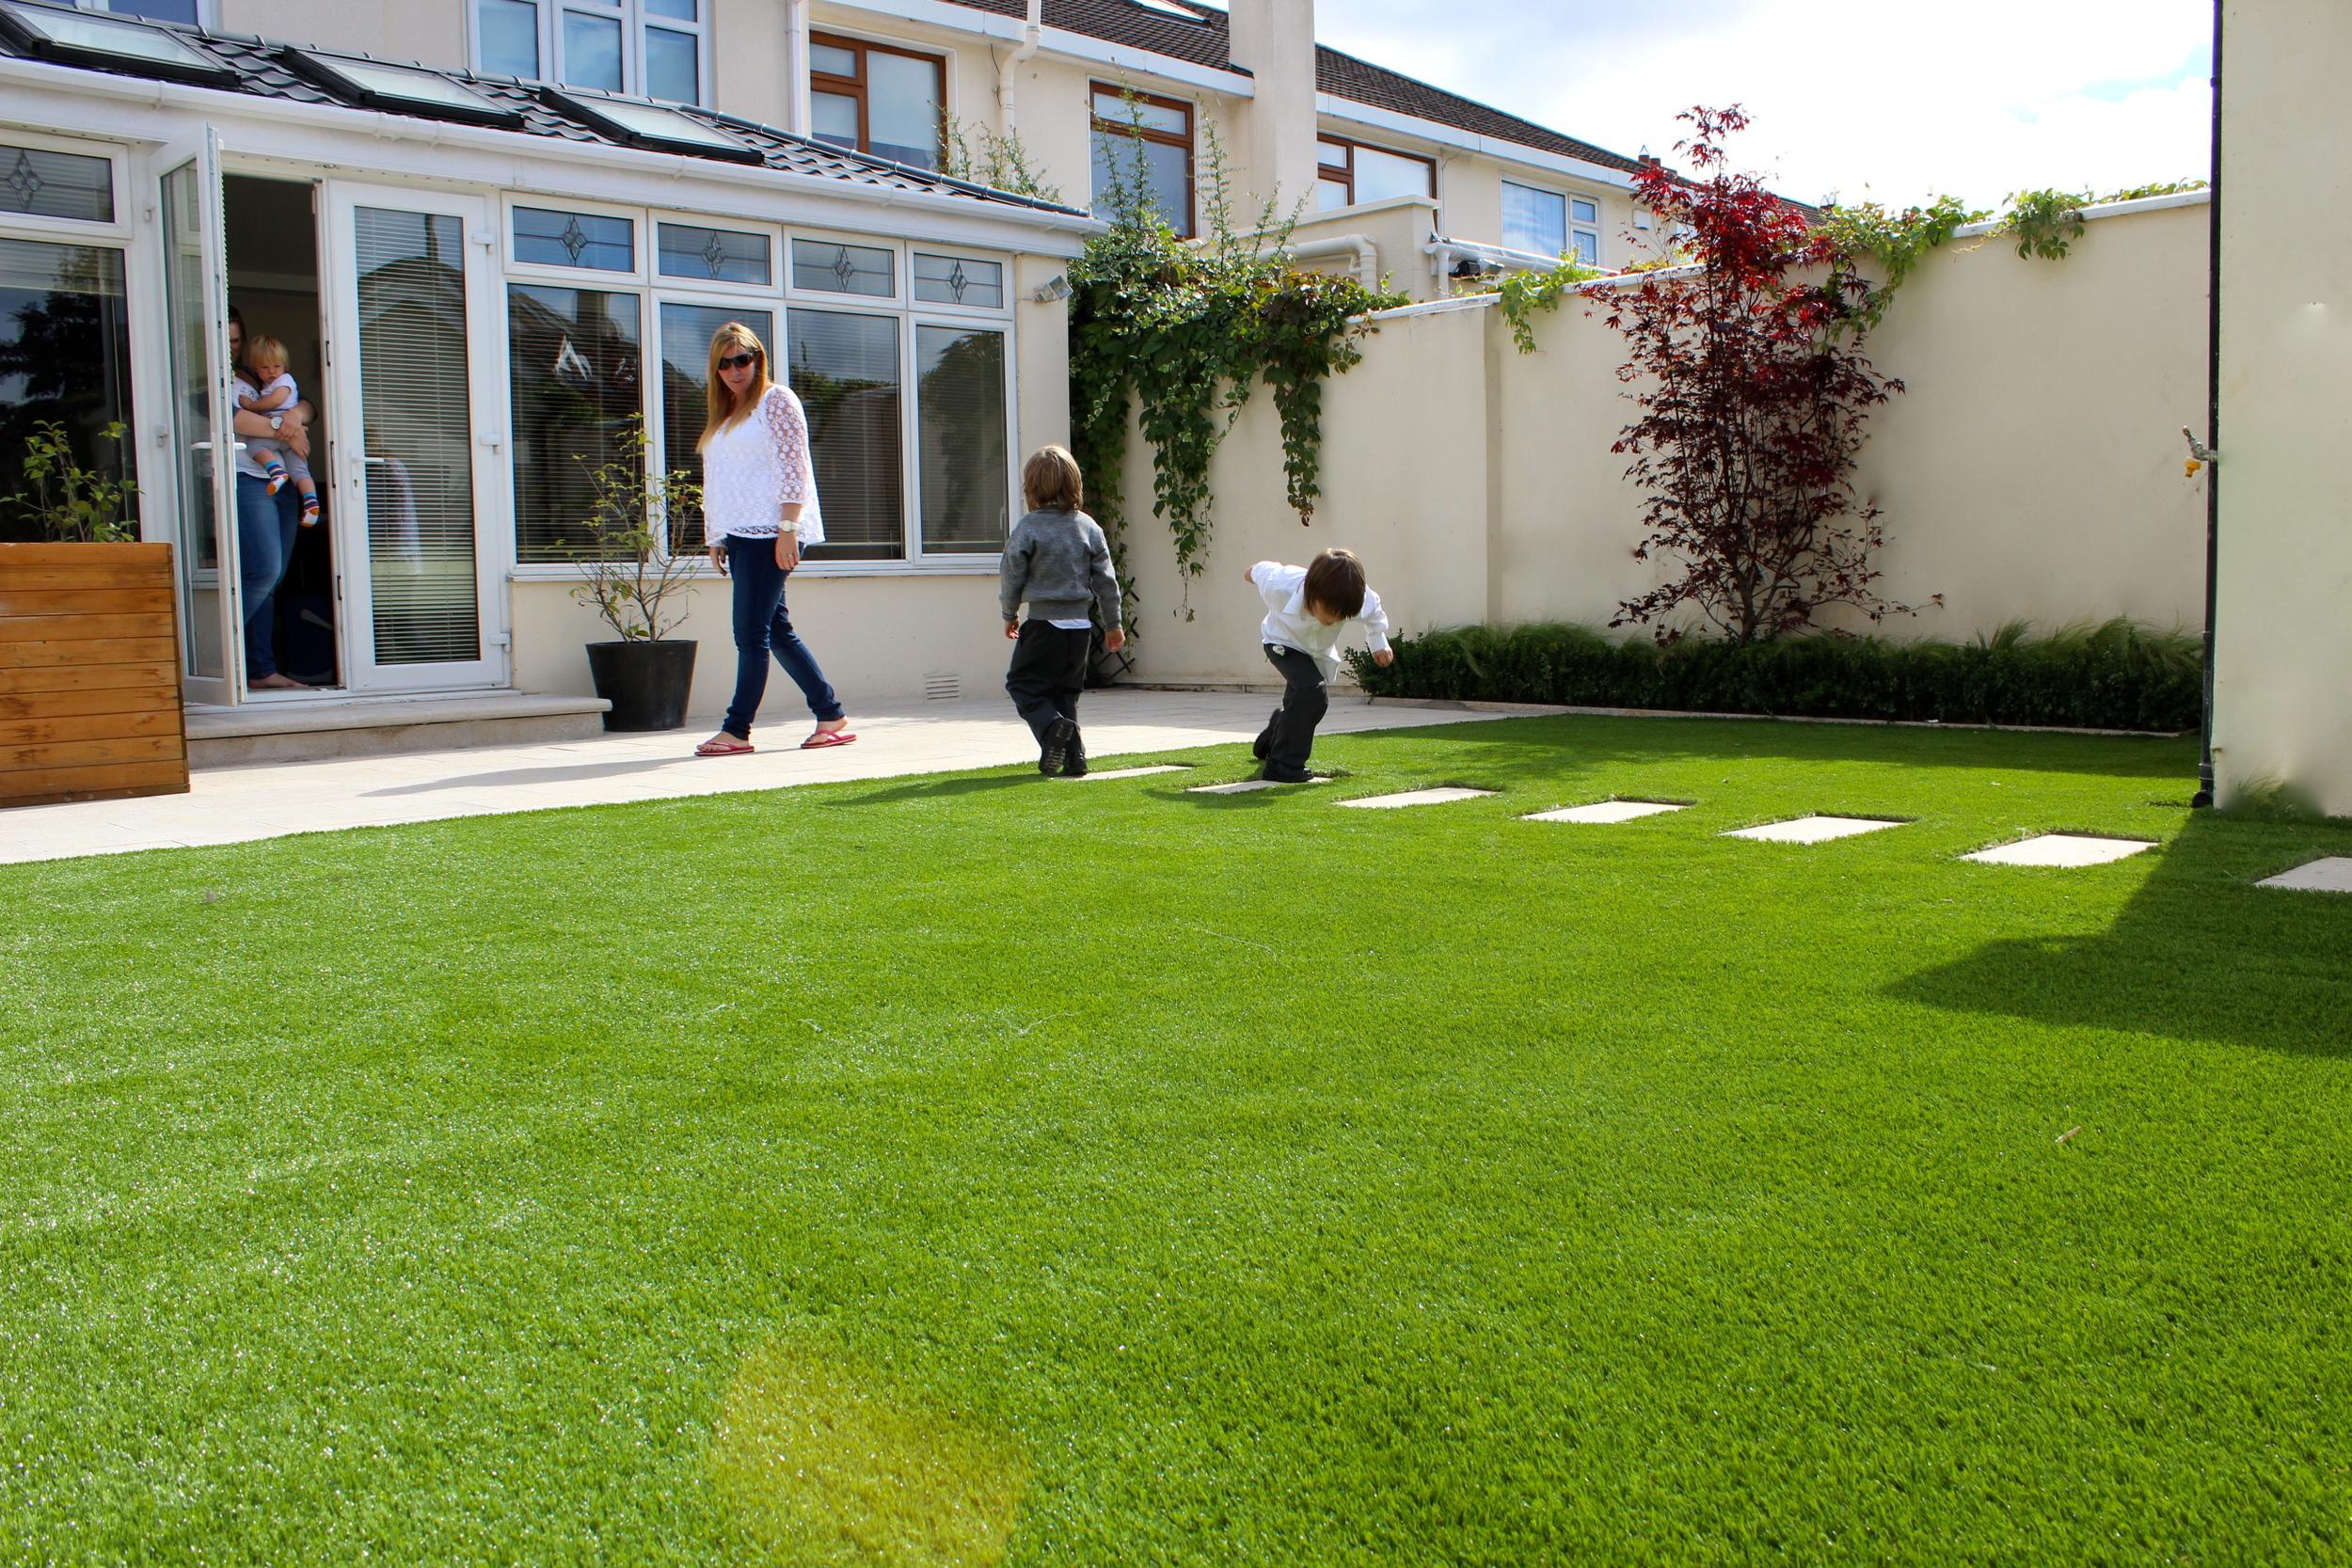 Kid running onto turf